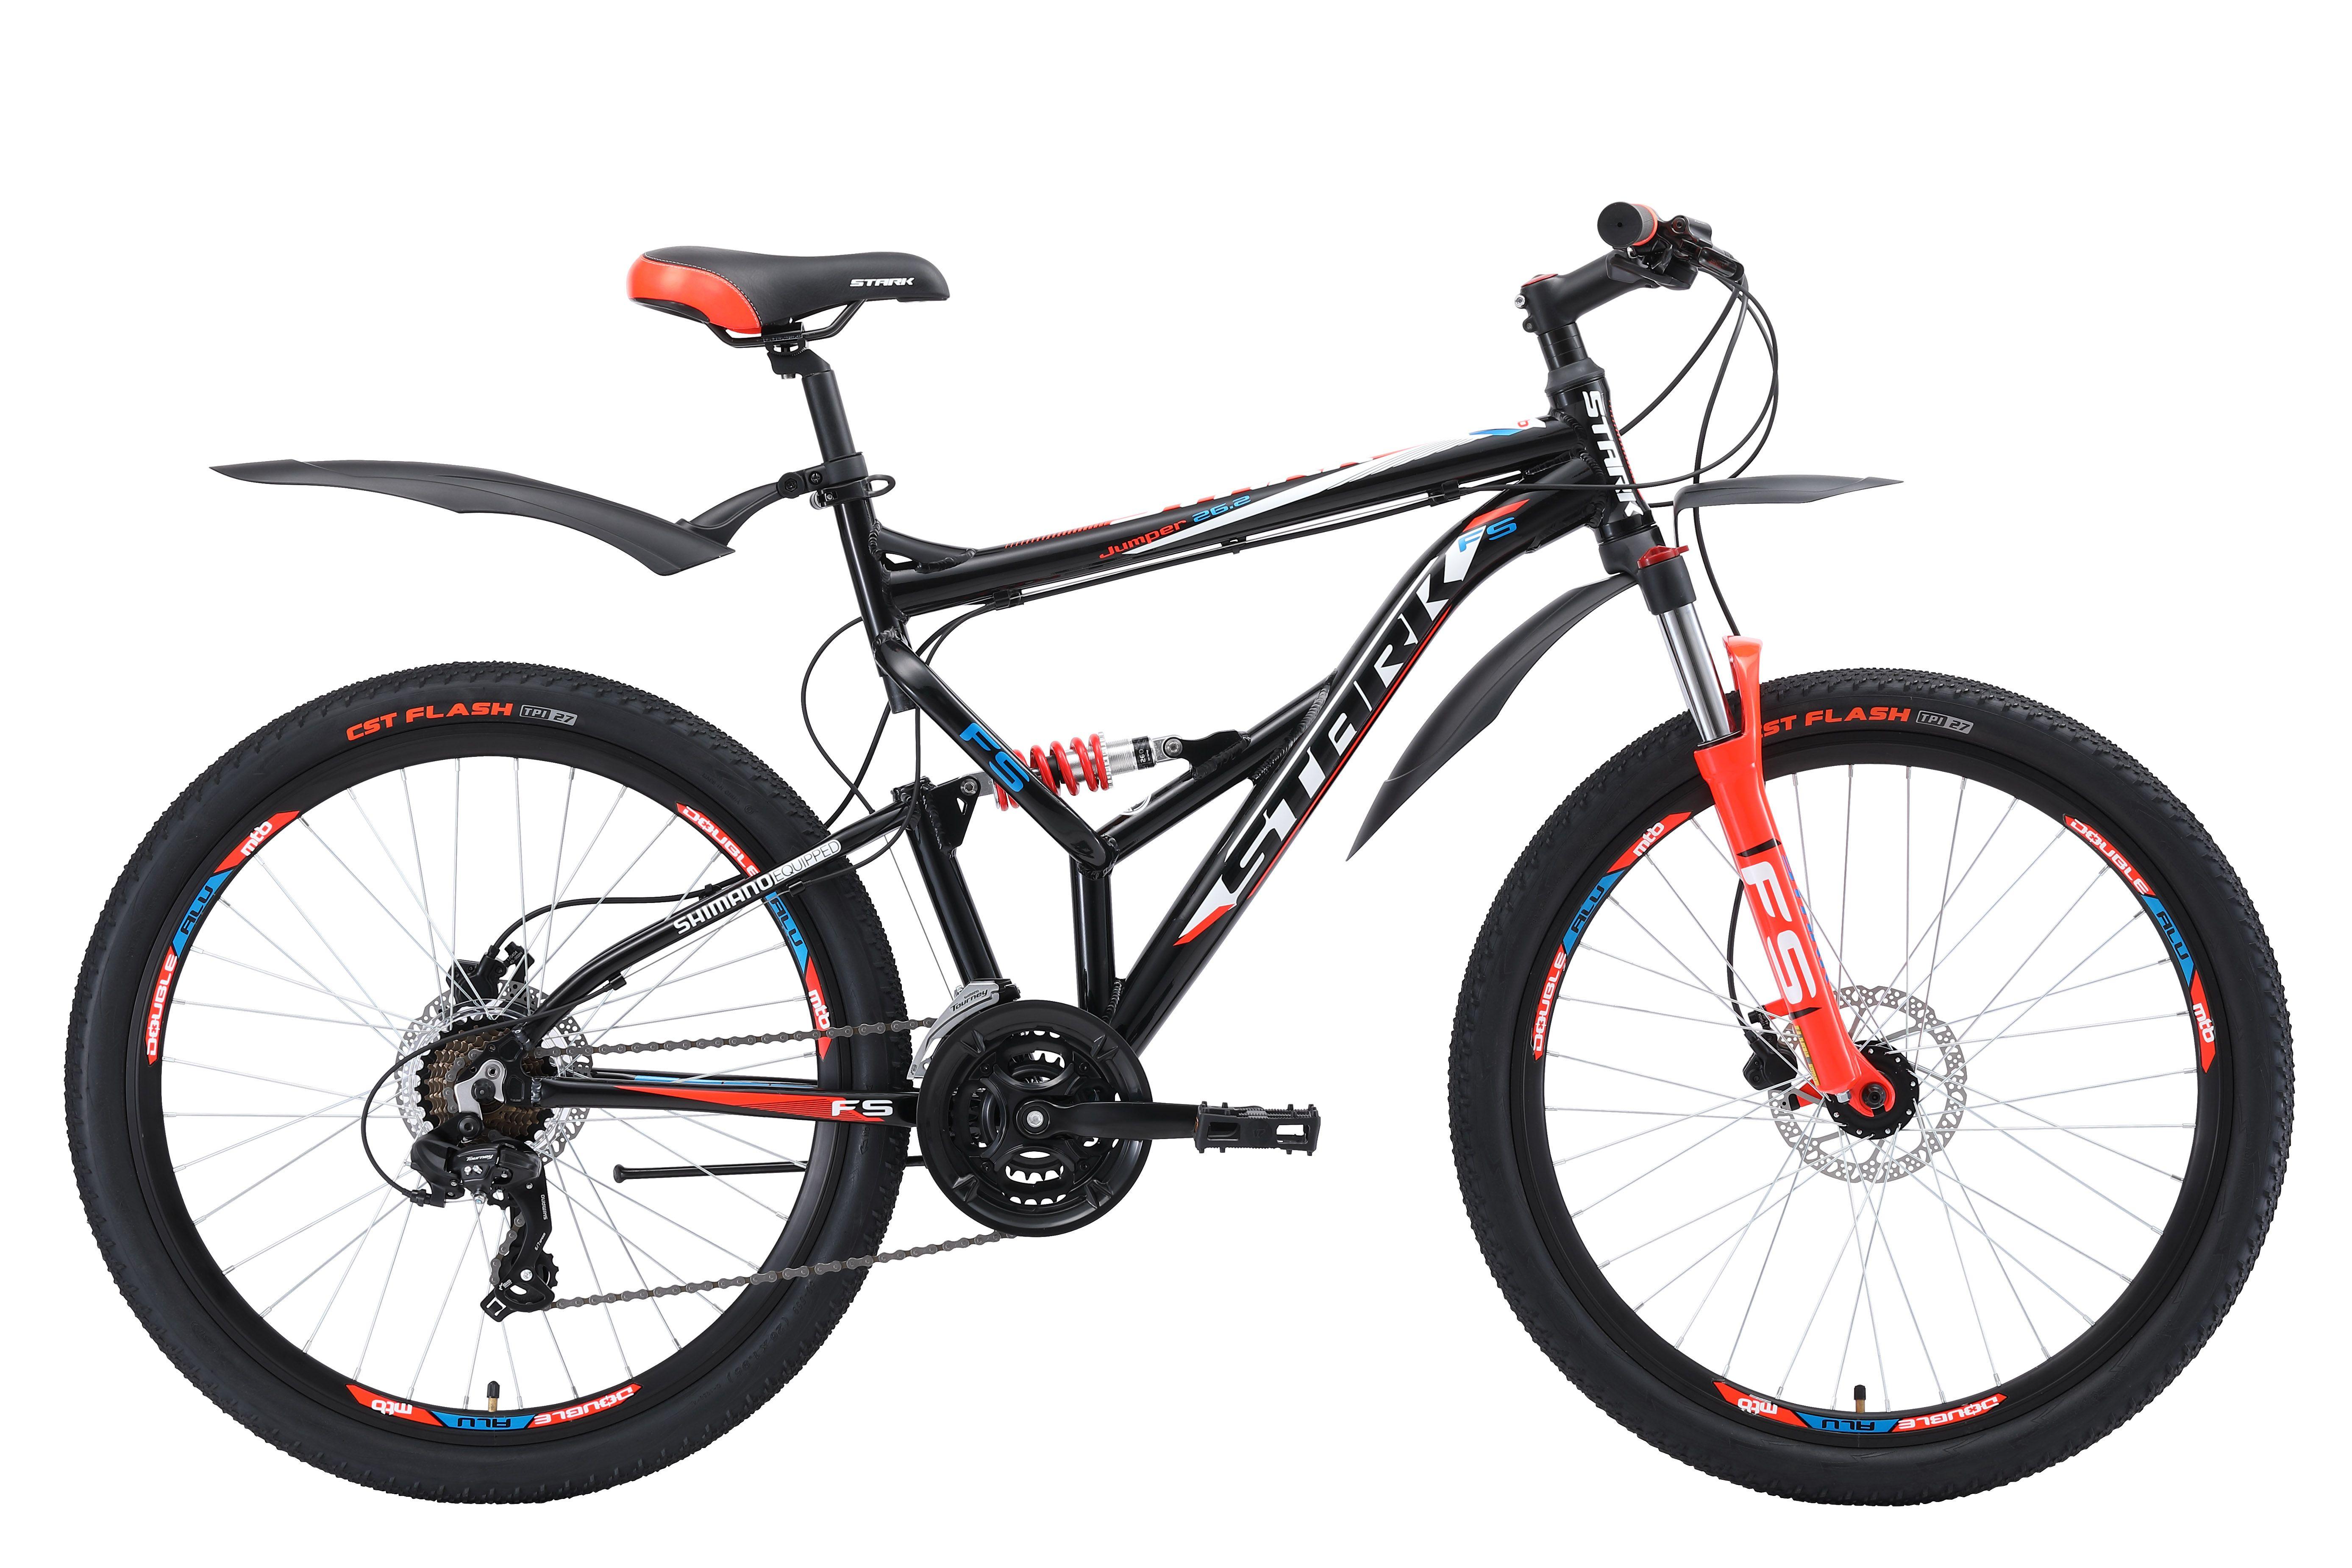 Велосипед Stark Jumper 26.2 FS HD (2018) чёрный/красный/синий 20КОЛЕСА 26 (СТАНДАРТ)<br>задними амортизаторами. Задняя подвеска позволяет кататься на велосипеде с большим комфортом, как по асфальту, так и по бездорожью. Велосипед собран на алюминиевой раме и оборудован гидравлическими дисковыми тормозами TEKTRO, с диаметром тормозных дисков 160мм. 21 передача позволяет велосипедисту подобрать оптимальный скоростной режим. Передняя мягкая вилка - пружинно-эластомерная - имеет блокировку и preload, блокировка будет удобна при подъеме в гору и разгоне, а preload поможет настроить жёсткость. Колёса, диаметром 26 дюймов имеют усиленные обода с двойной стенкой, которые делают колесо устойчивым к деформациям. Покрышки, шириной 1,95 дюйма уверенно держат велосипед на грунтовой дороге и твёрдом дорожном покрытии. Переключение передач выполняется с помощью оборудования Shimano, туристического уровня - Tourney. Для управления передачами, на руле установлены курковые переключатели. Велосипед Stark Jumper 26.2 FS НD #40;2018#41; оборудован удобным седлом. В базовой комплектации, установлены крылья и подножка.<br><br>бренд: STARK<br>год: 2018<br>рама: Алюминий (Alloy)<br>вилка: Амортизационная (пружина)<br>блокировка амортизатора: Нет<br>диаметр колес: 26<br>тормоза: Дисковые гидравлические<br>уровень оборудования: Начальный<br>количество скоростей: 21<br>Цвет: чёрный/красный/синий<br>Размер: 20